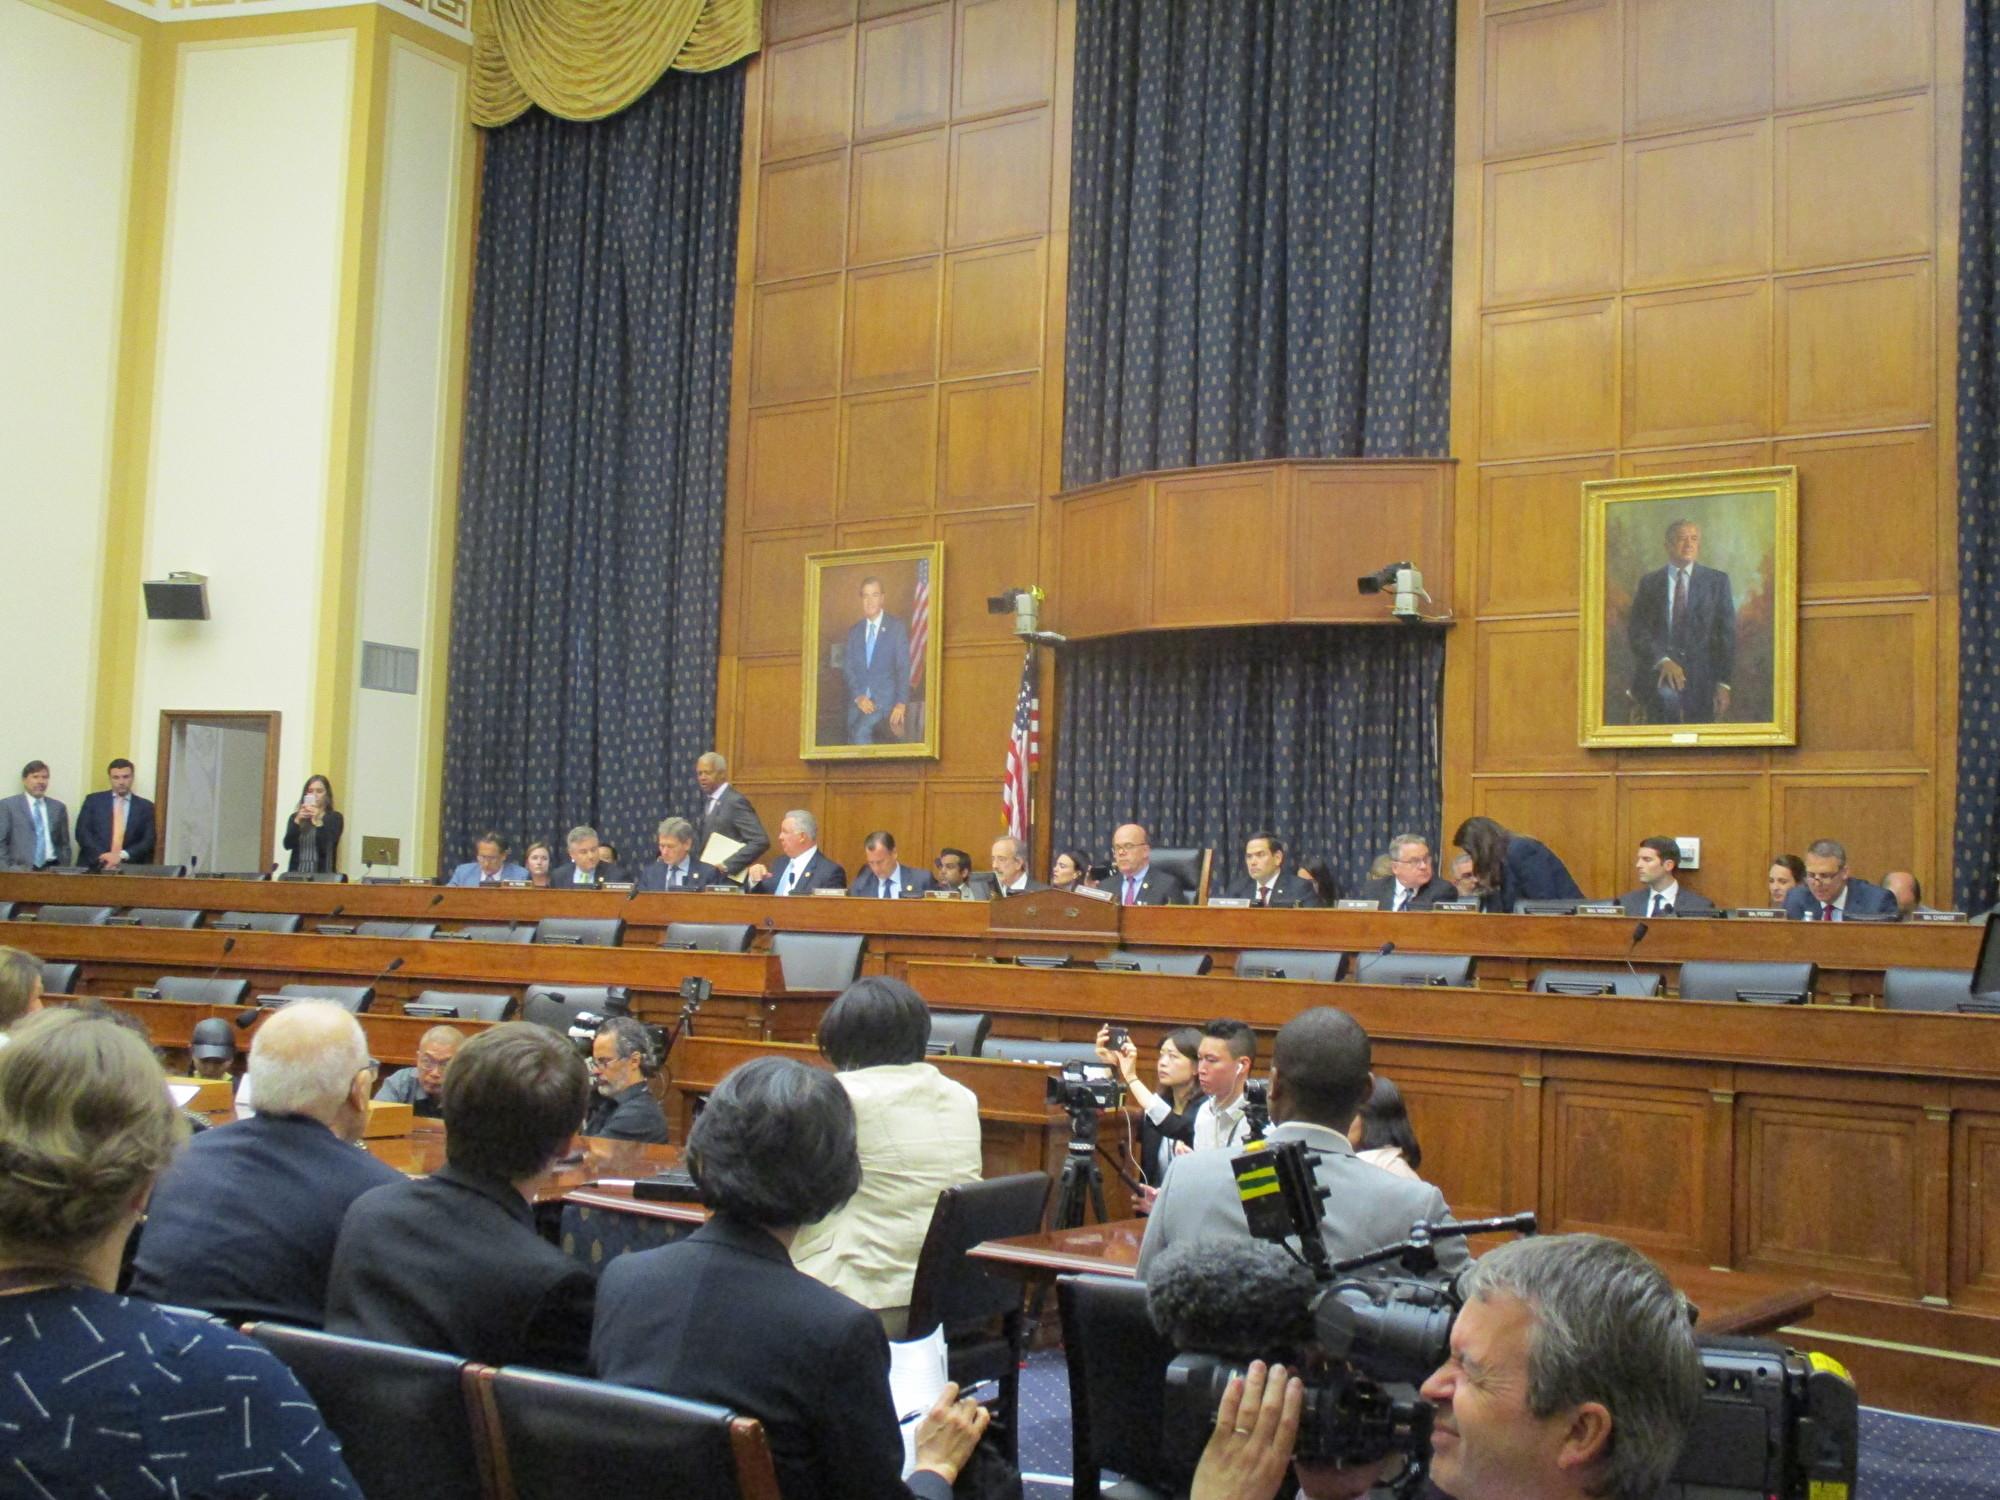 2019年6月4日,美國國會及行政當局中國委員會(CECC)聯合蘭托斯人權委員會在國會舉行天安門事件30周年的聽證會。(李辰/大紀元)